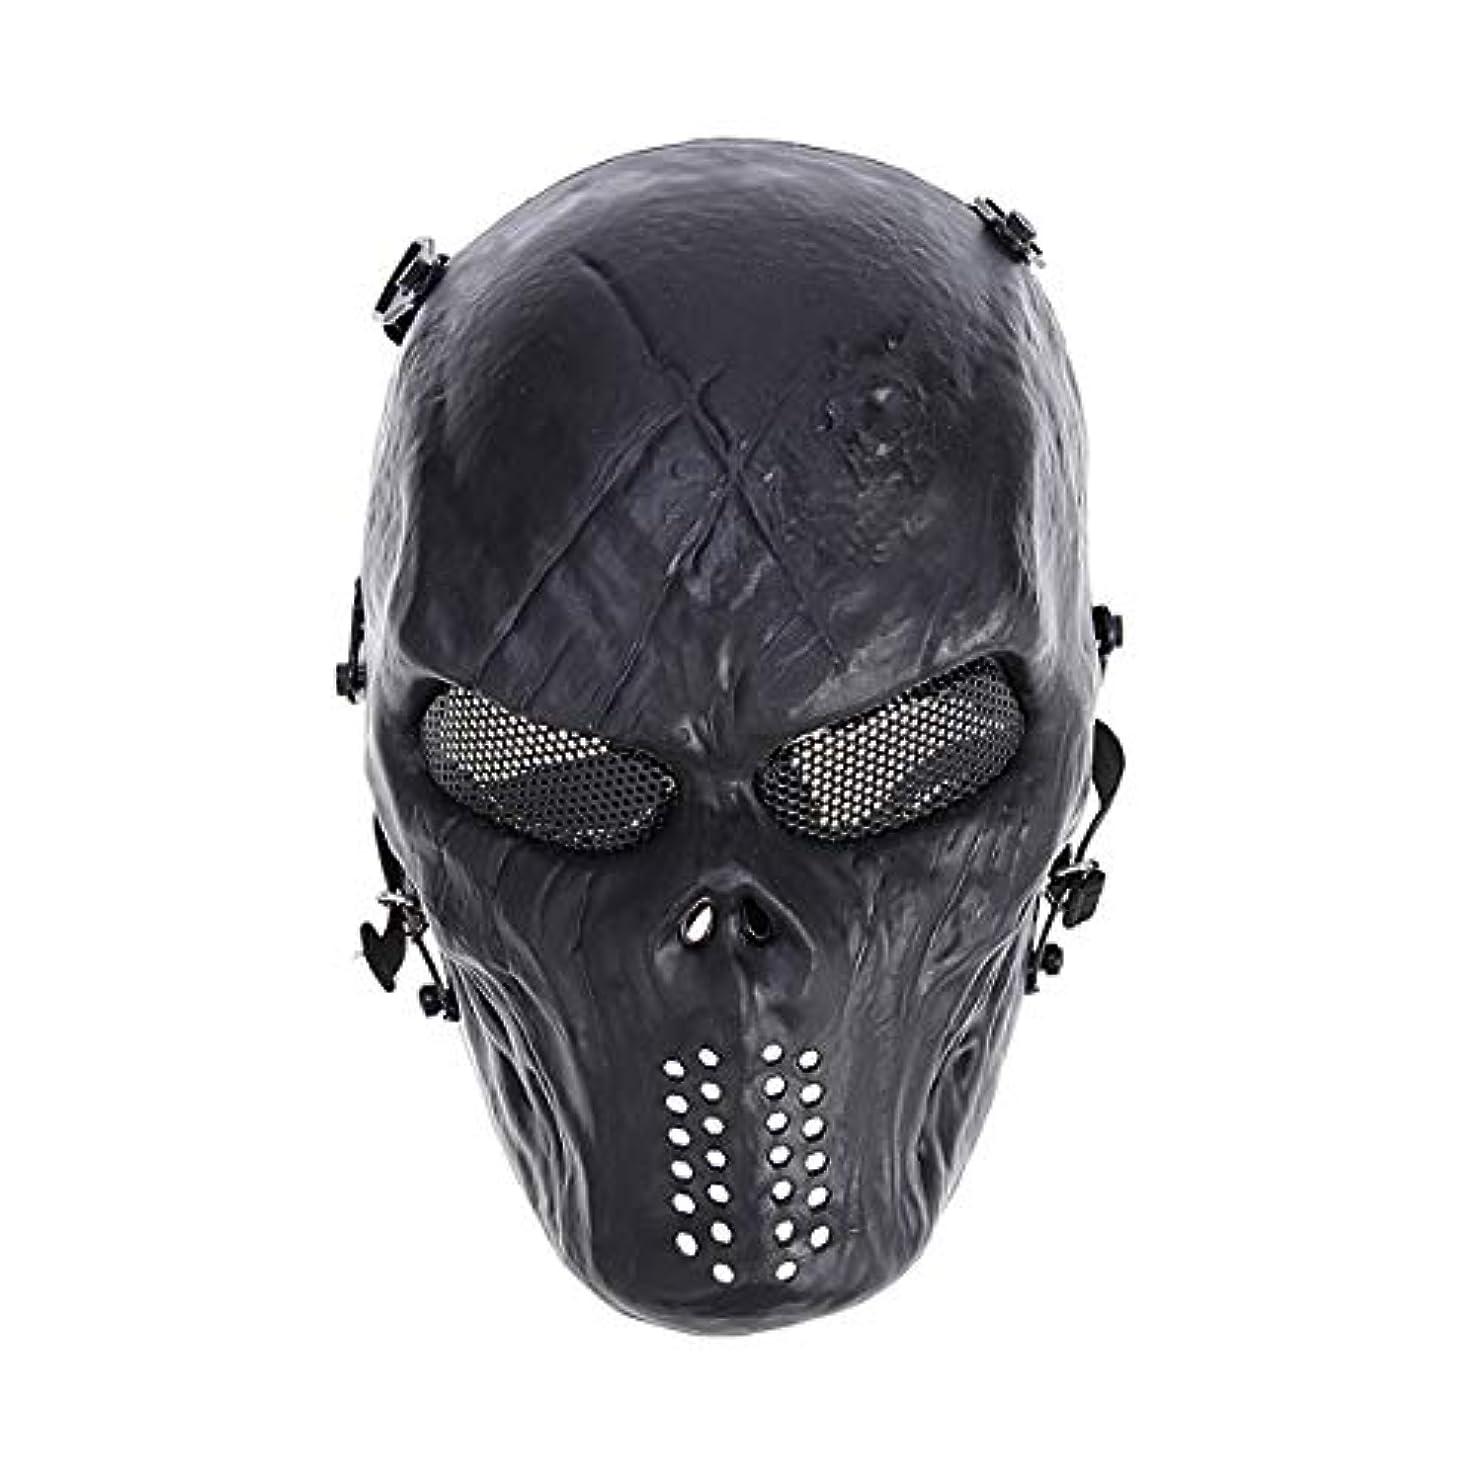 派生するガム起きているVORCOOL CSフィールドマスクハロウィンパーティーコスチュームマスク調整可能な戦術マスク戦闘保護顔耳保護征服マスク(黒)